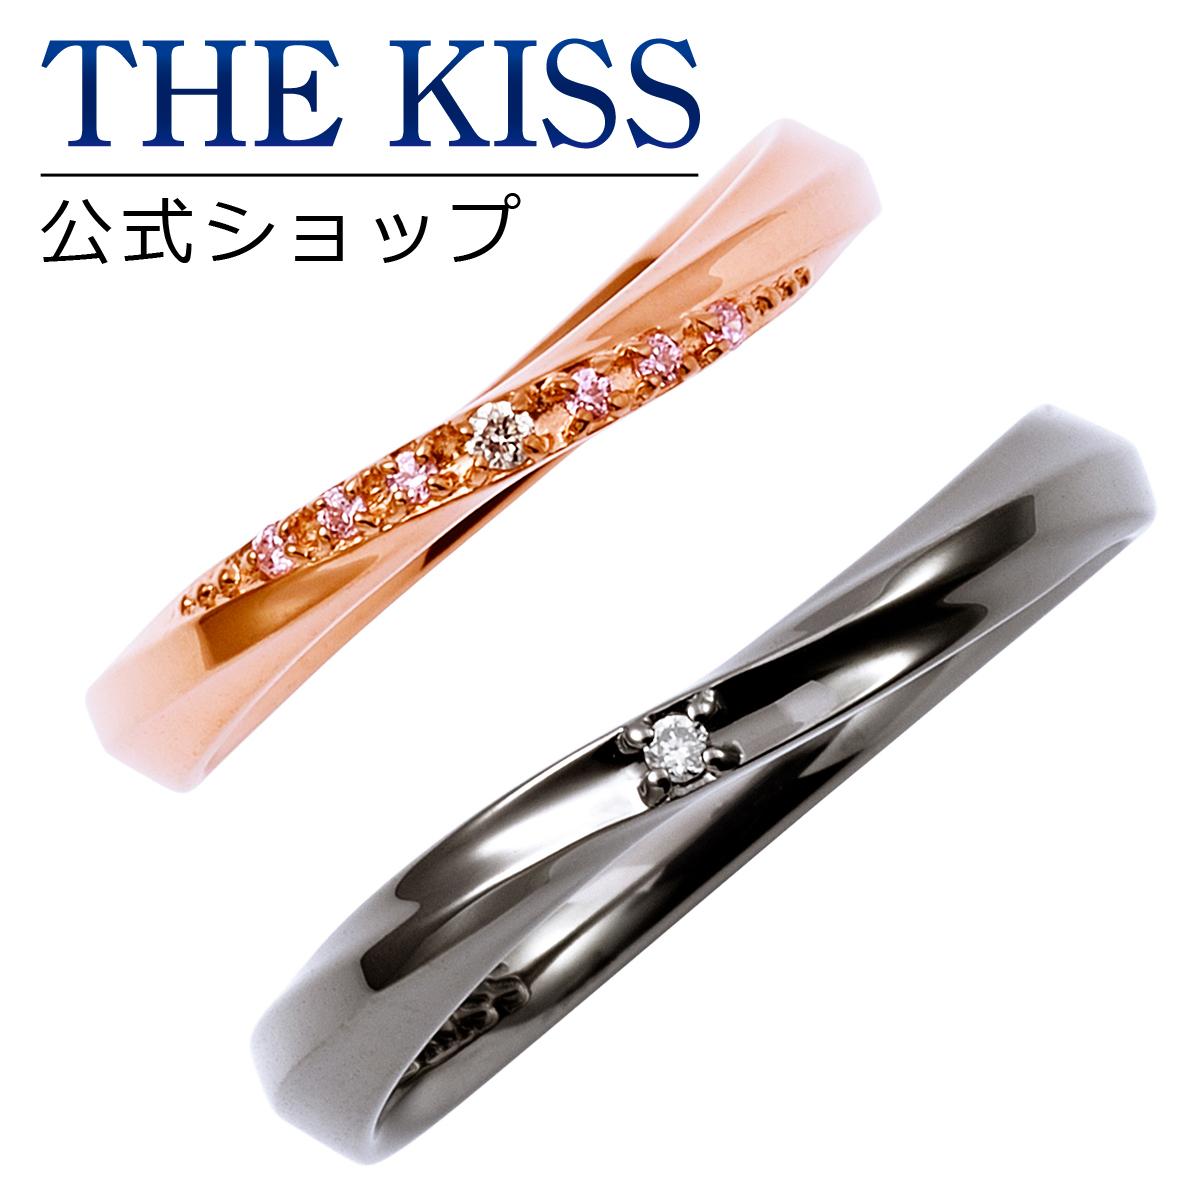 【あす楽対応】THE KISS 公式サイト シルバー ペアリング ダイヤモンド ペアアクセサリー カップル に 人気 の ジュエリーブランド THEKISS ペア リング・指輪 記念日 プレゼント SR1853DM-1854DM セット シンプル ザキス 【送料無料】